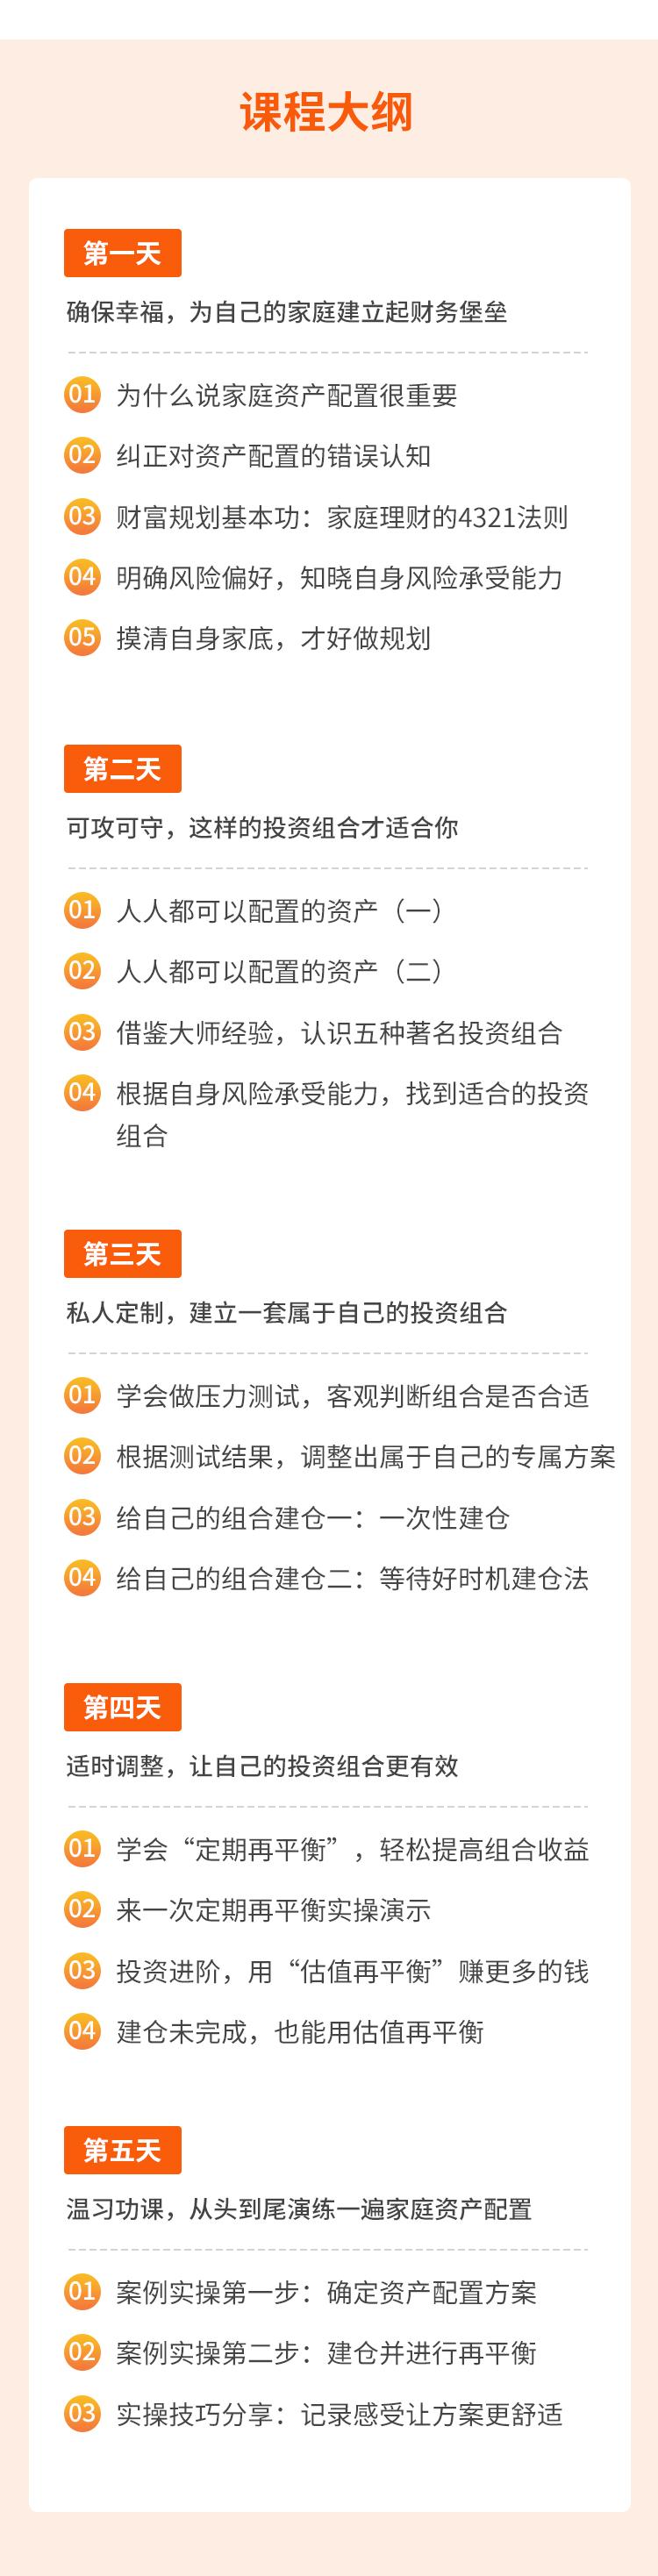 财富规划课报名页设计(2)(1)_04.png